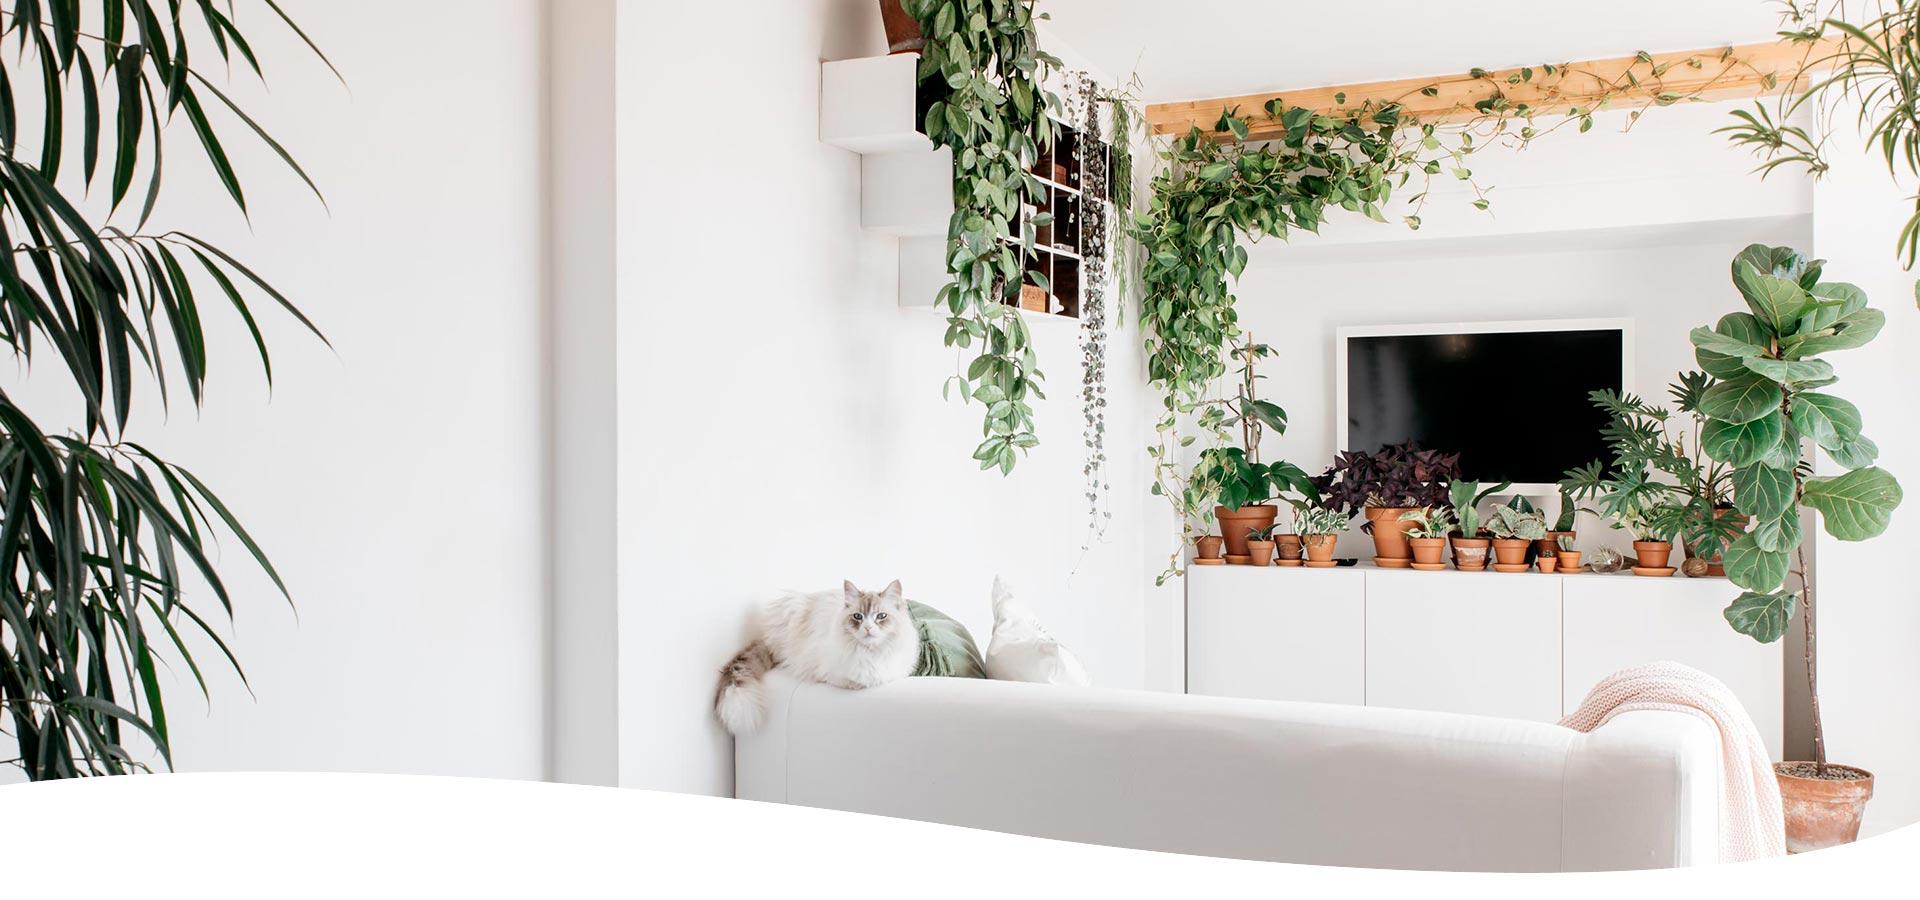 Consulenze di plant design progettazione spazi verdi di interni